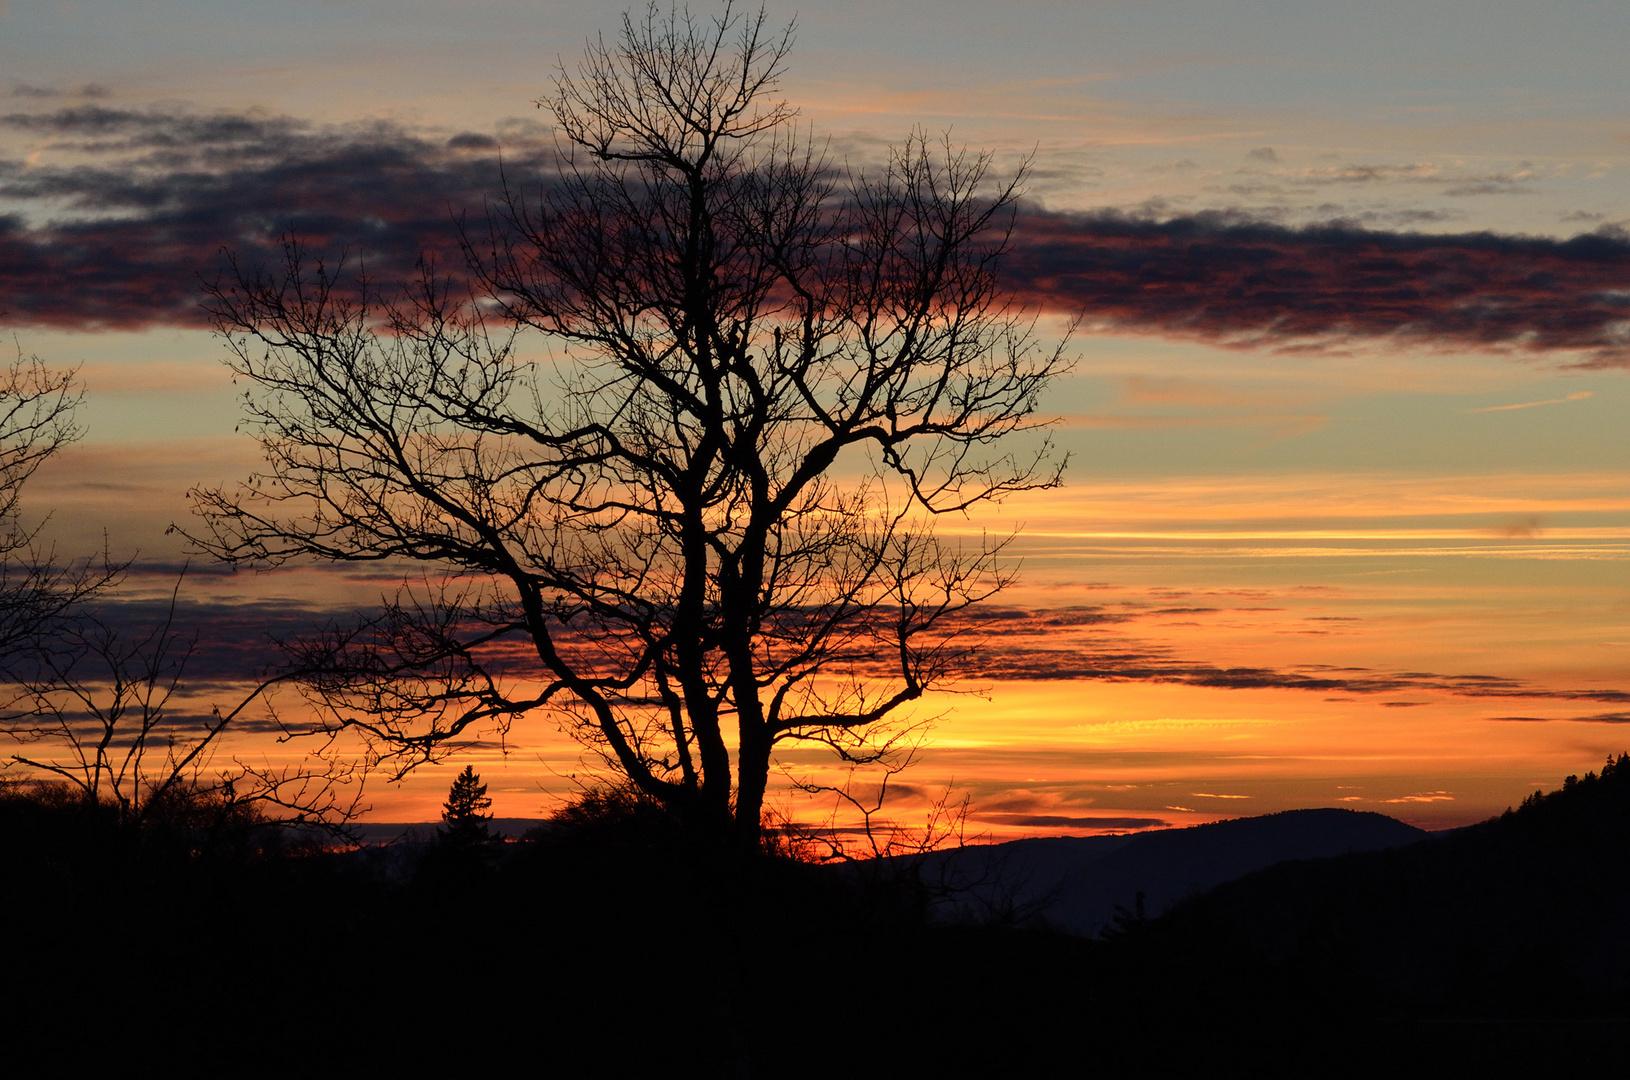 Sonnenuntergang am Weissenstein # 1